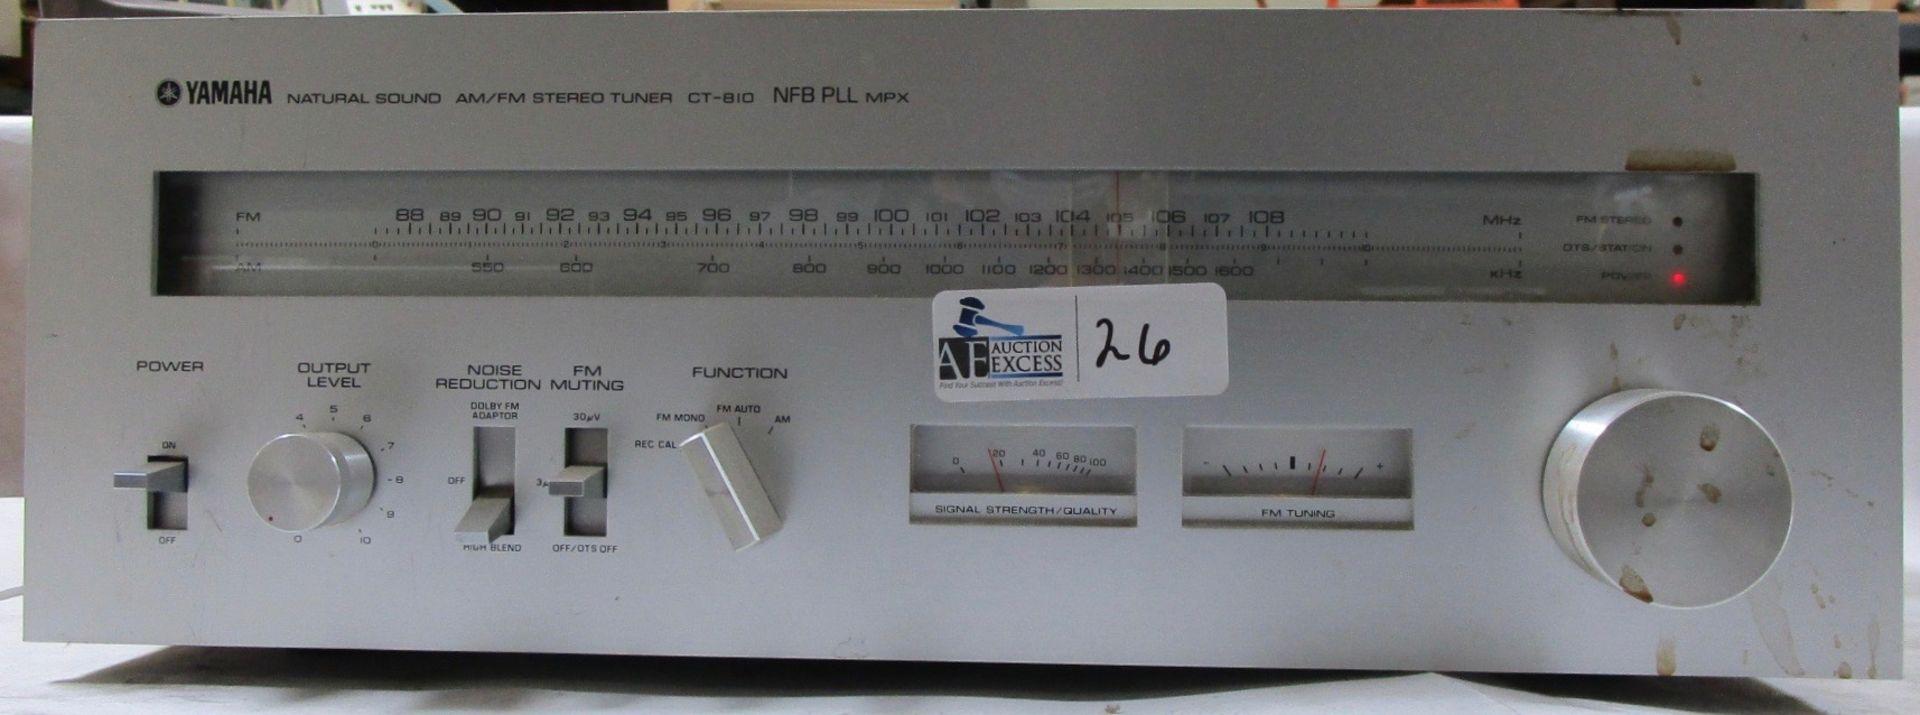 Lot 26 - YAMAHA CT-810 RECEIVER